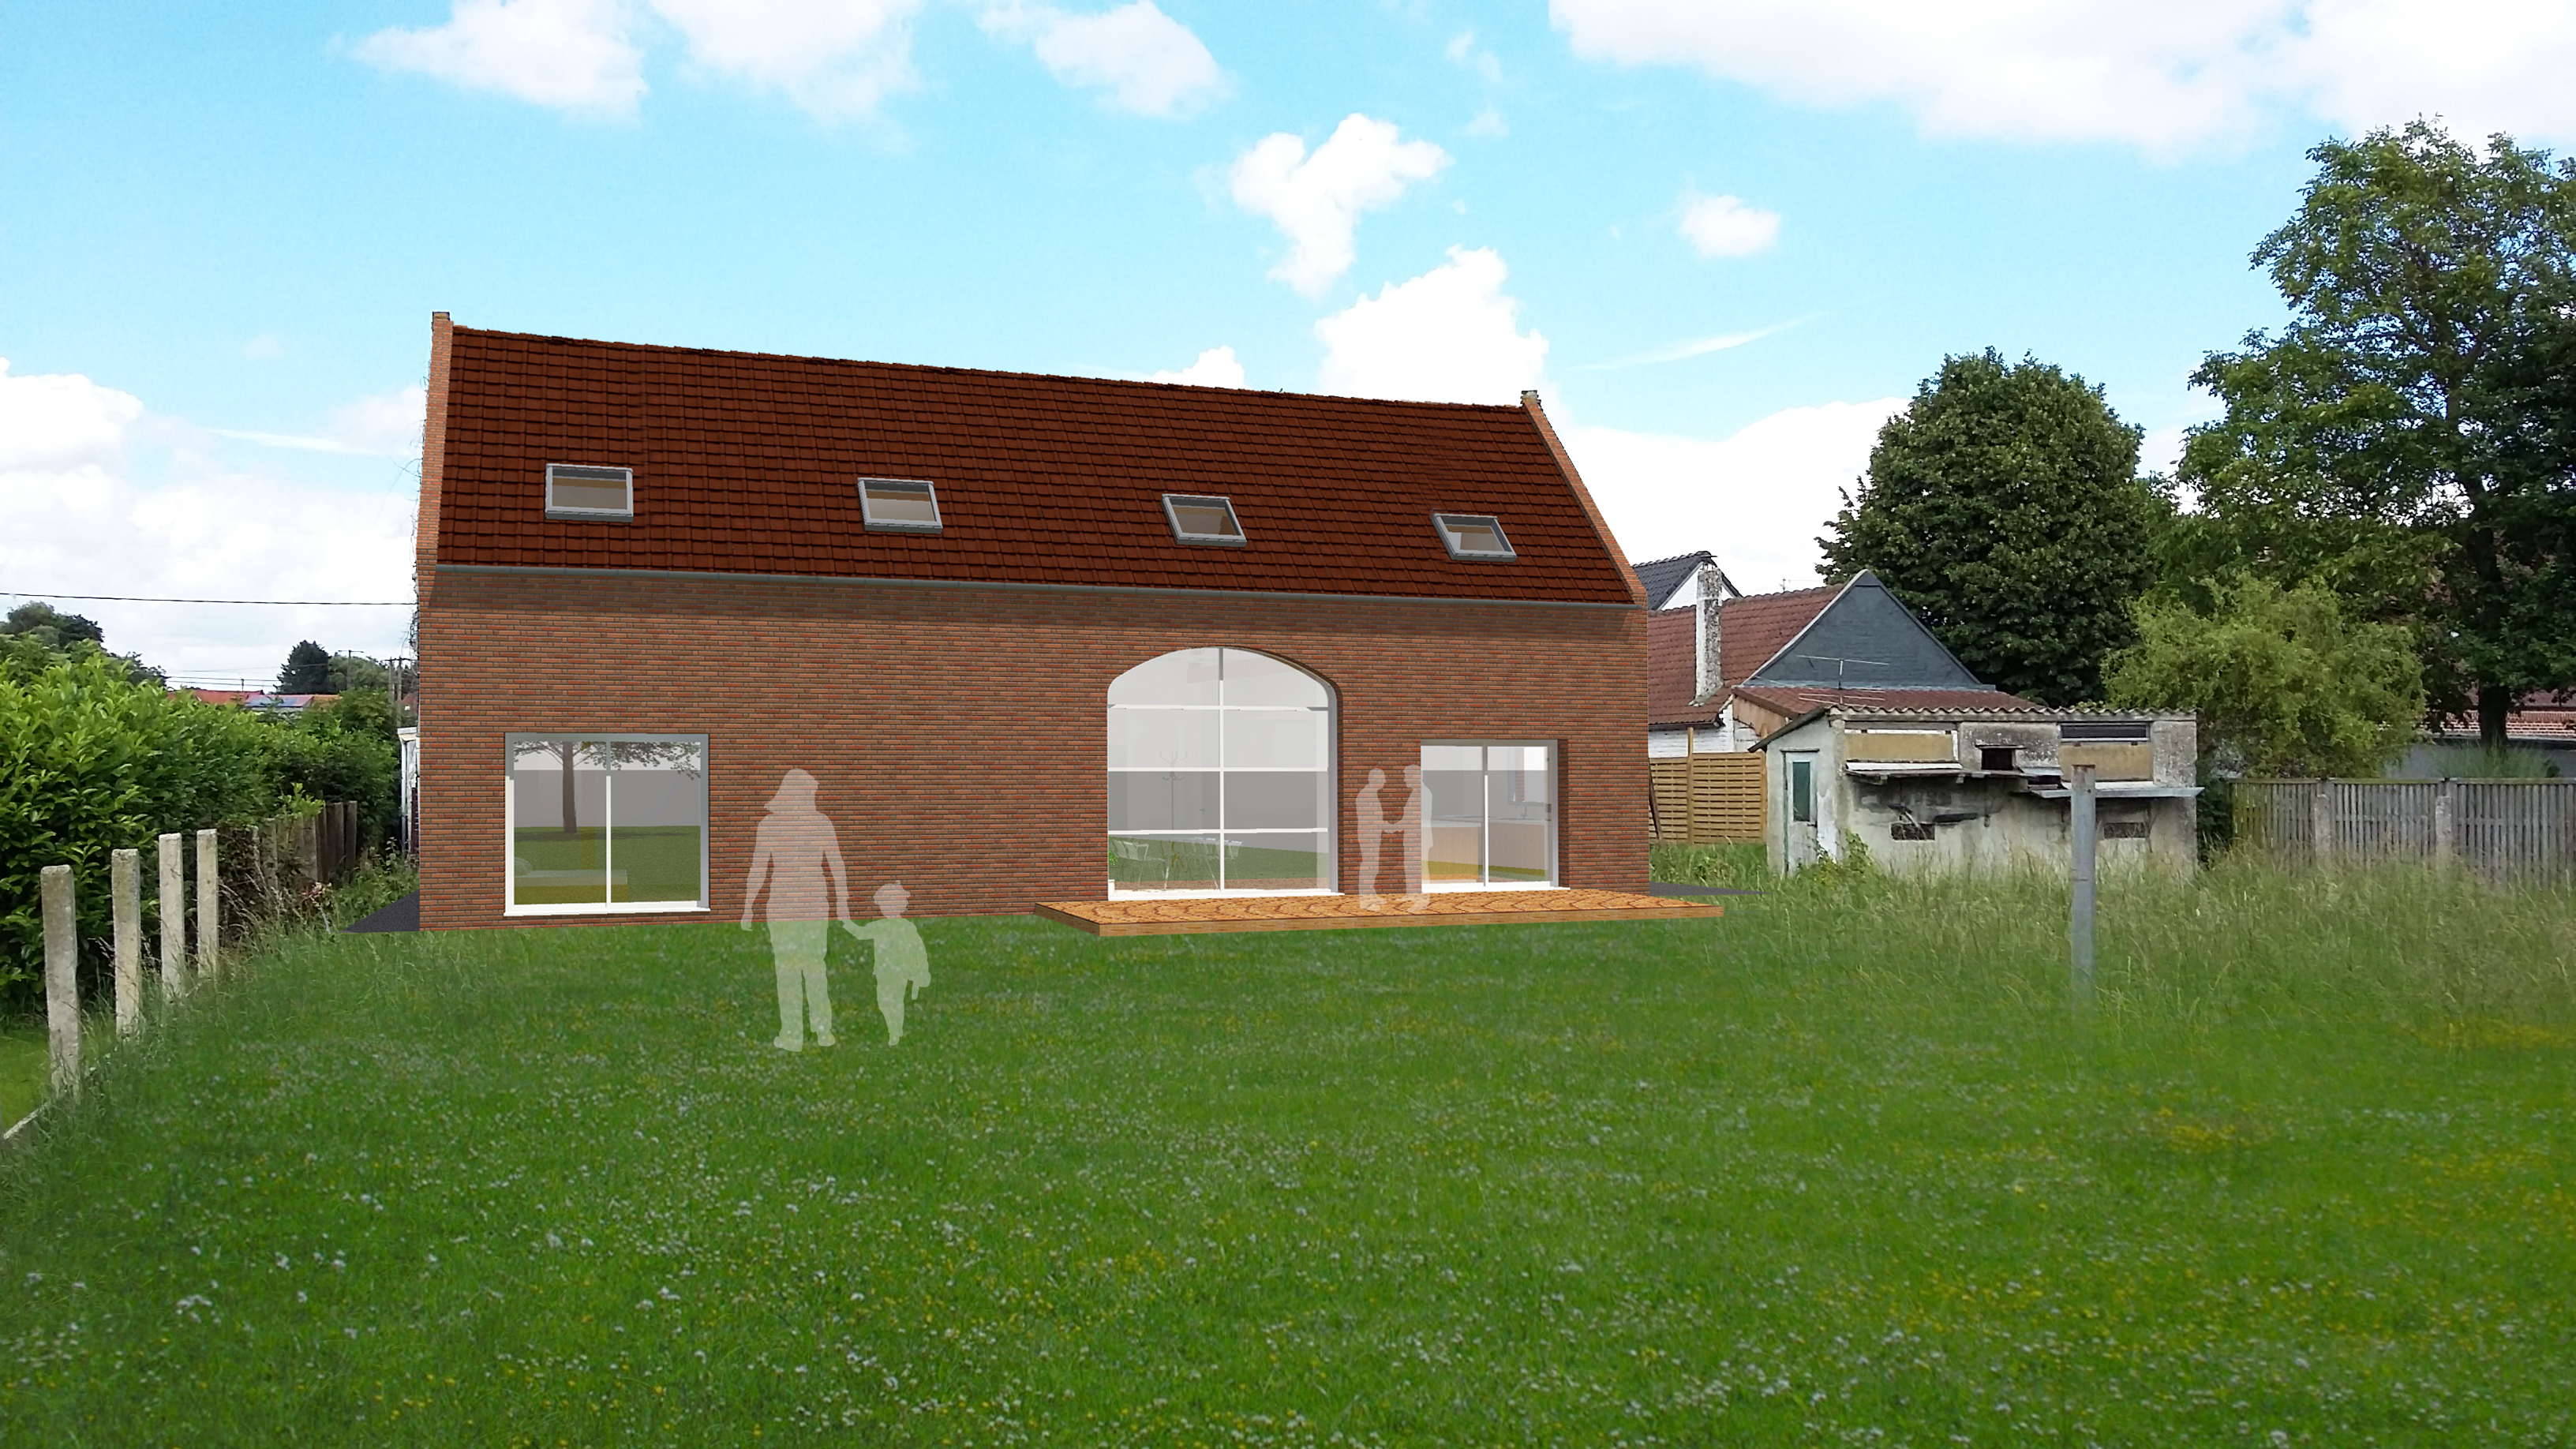 16-31-atelier-permis-de-construire-plans-grange16-0